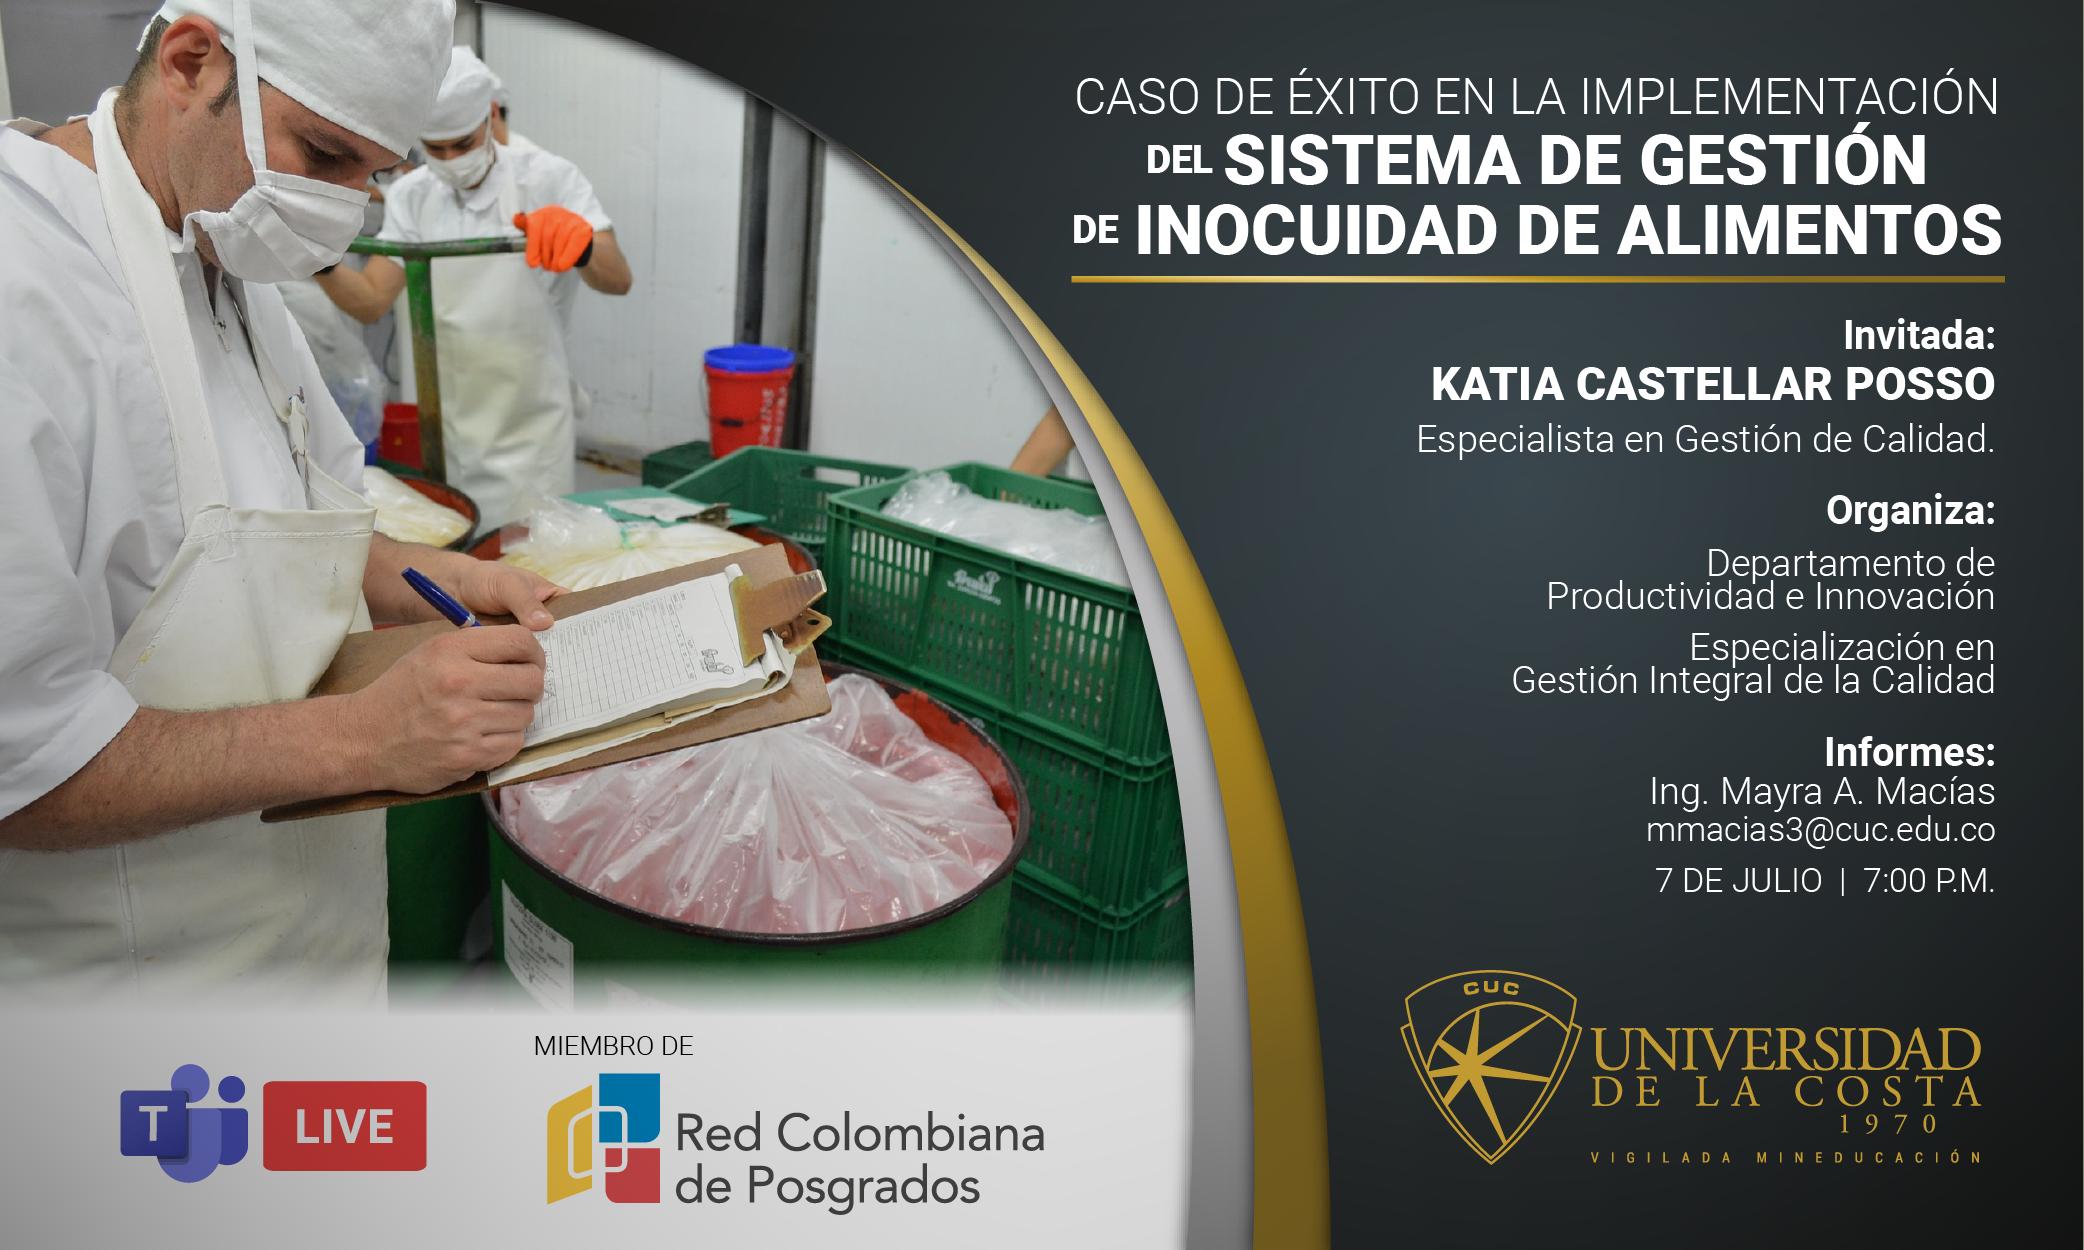 """Webinar """"Caso de éxito en la implementación del sistema de gestión de inocuidad de alimentos"""""""